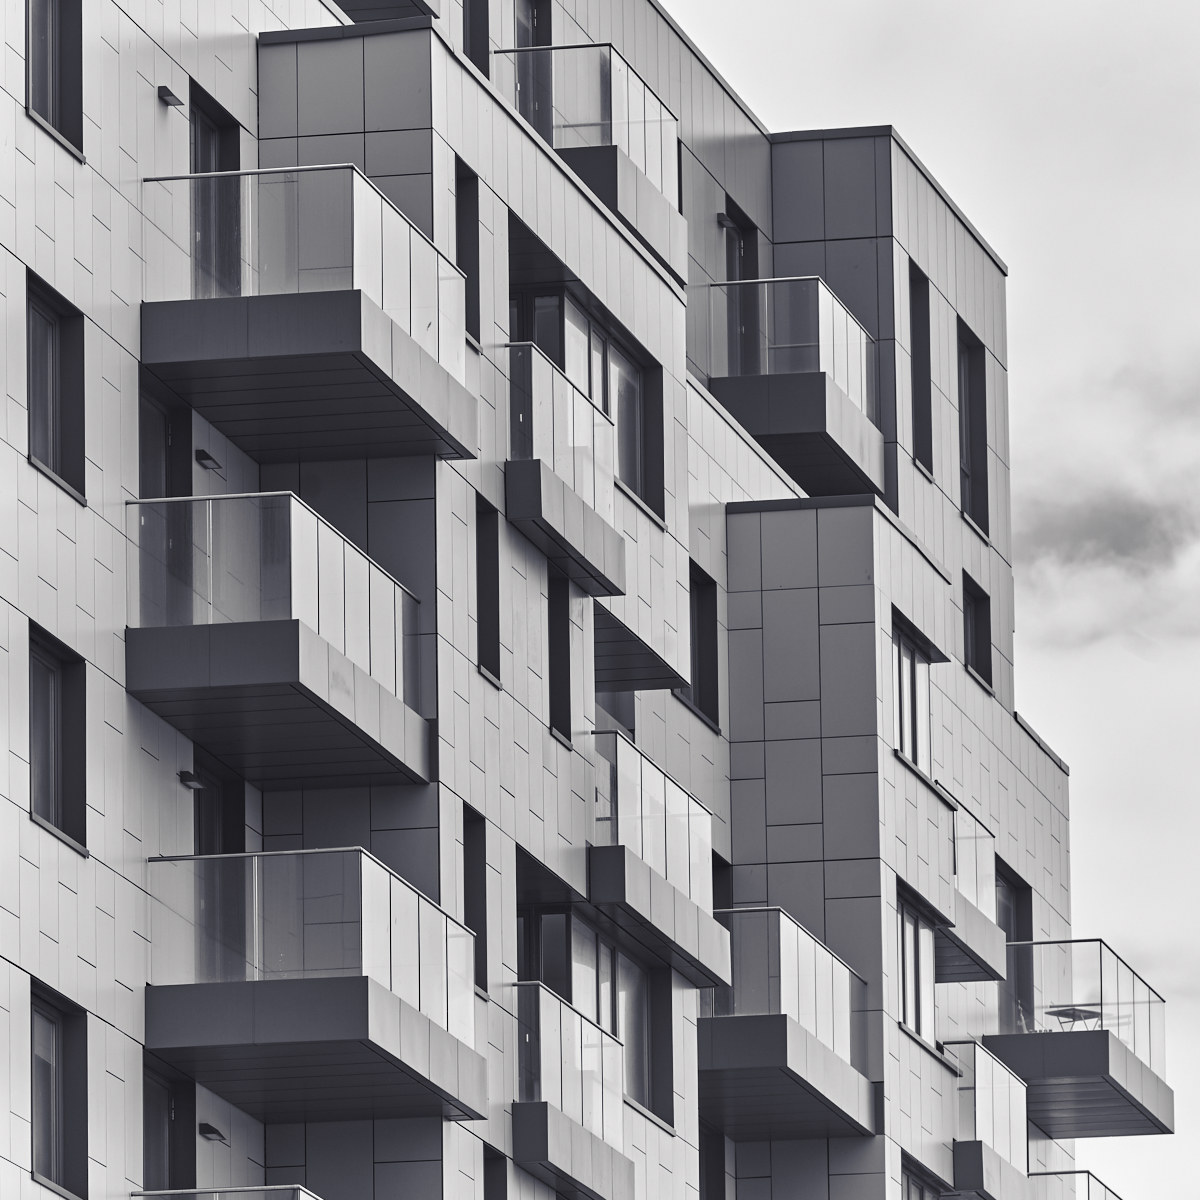 Flats - Brighton Marina